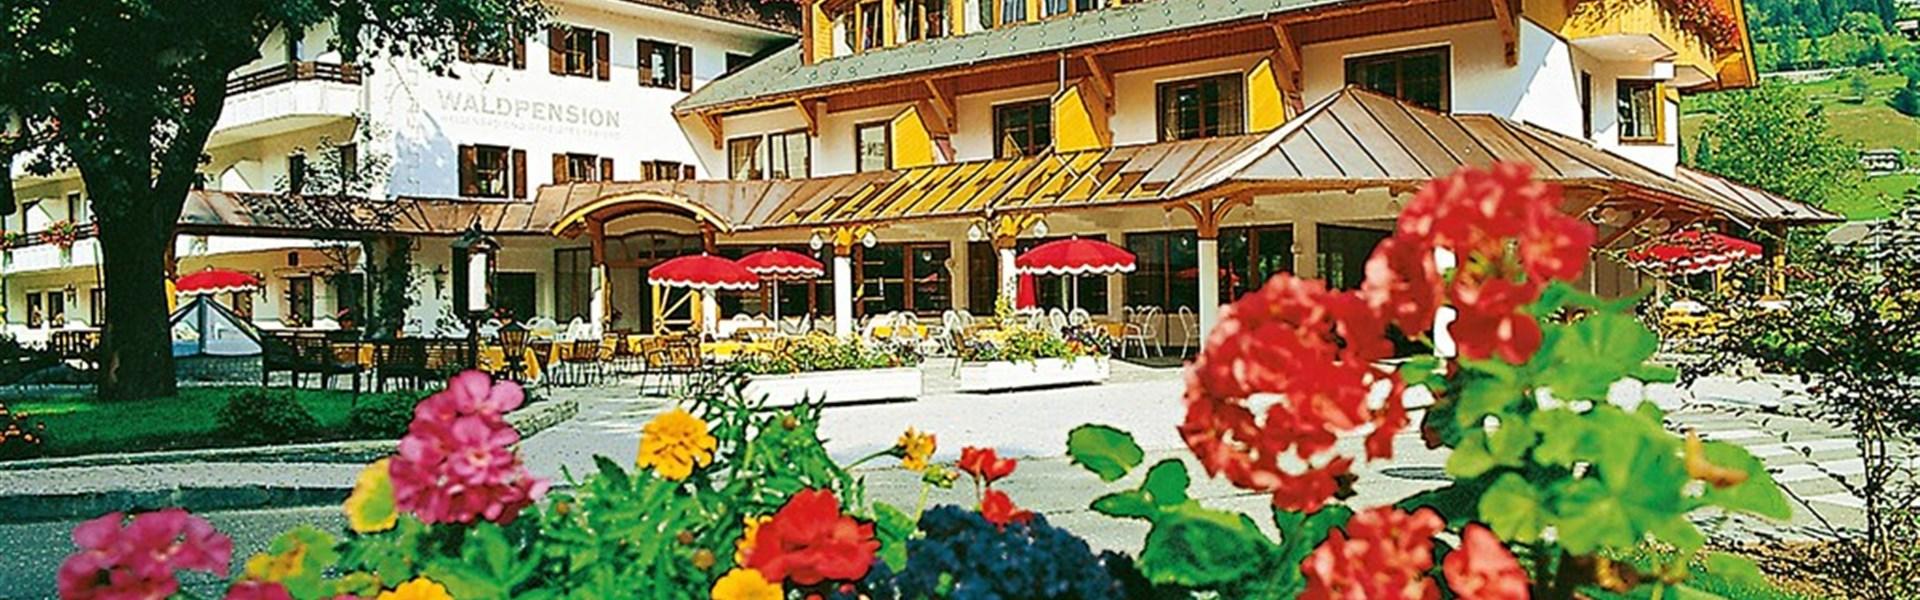 Marco Polo - Ferienpark Putz -